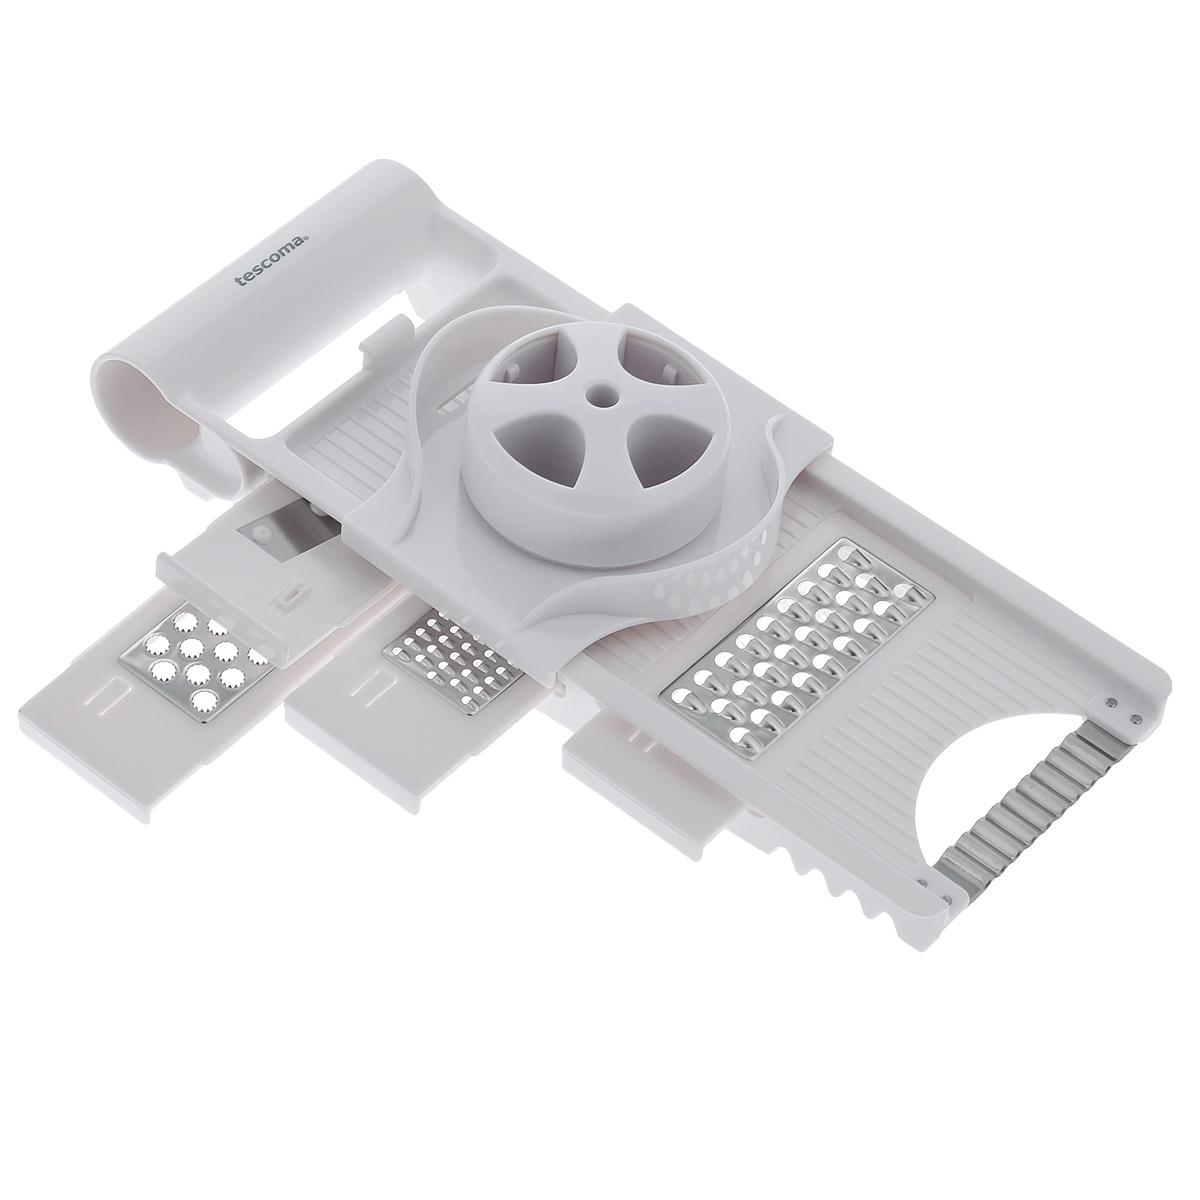 Терка многофункциональная Tescoma Handy643860Многофункциональная терка Tescoma Handy замечательна для нарезки на ломтики и измельчения продуктов. 4 сменных ножа и нож-волна изготовлены из первоклассной нержавеющей стали, остальные части из прочной пластмассы. Терка снабжена безопасным держателем для продуктов и массивной ручкой для удобного использования.С помощью такой терки вы сможете быстро нарезать или нашинковать картофель, перец, баклажаны, морковь, яблоки, приготовить салаты или детские овощные и фруктовые пюре.Каждая хозяйка оценит все преимущества этой терки. Очень практичный и современный дизайн делает изделие весьма простым в эксплуатации.